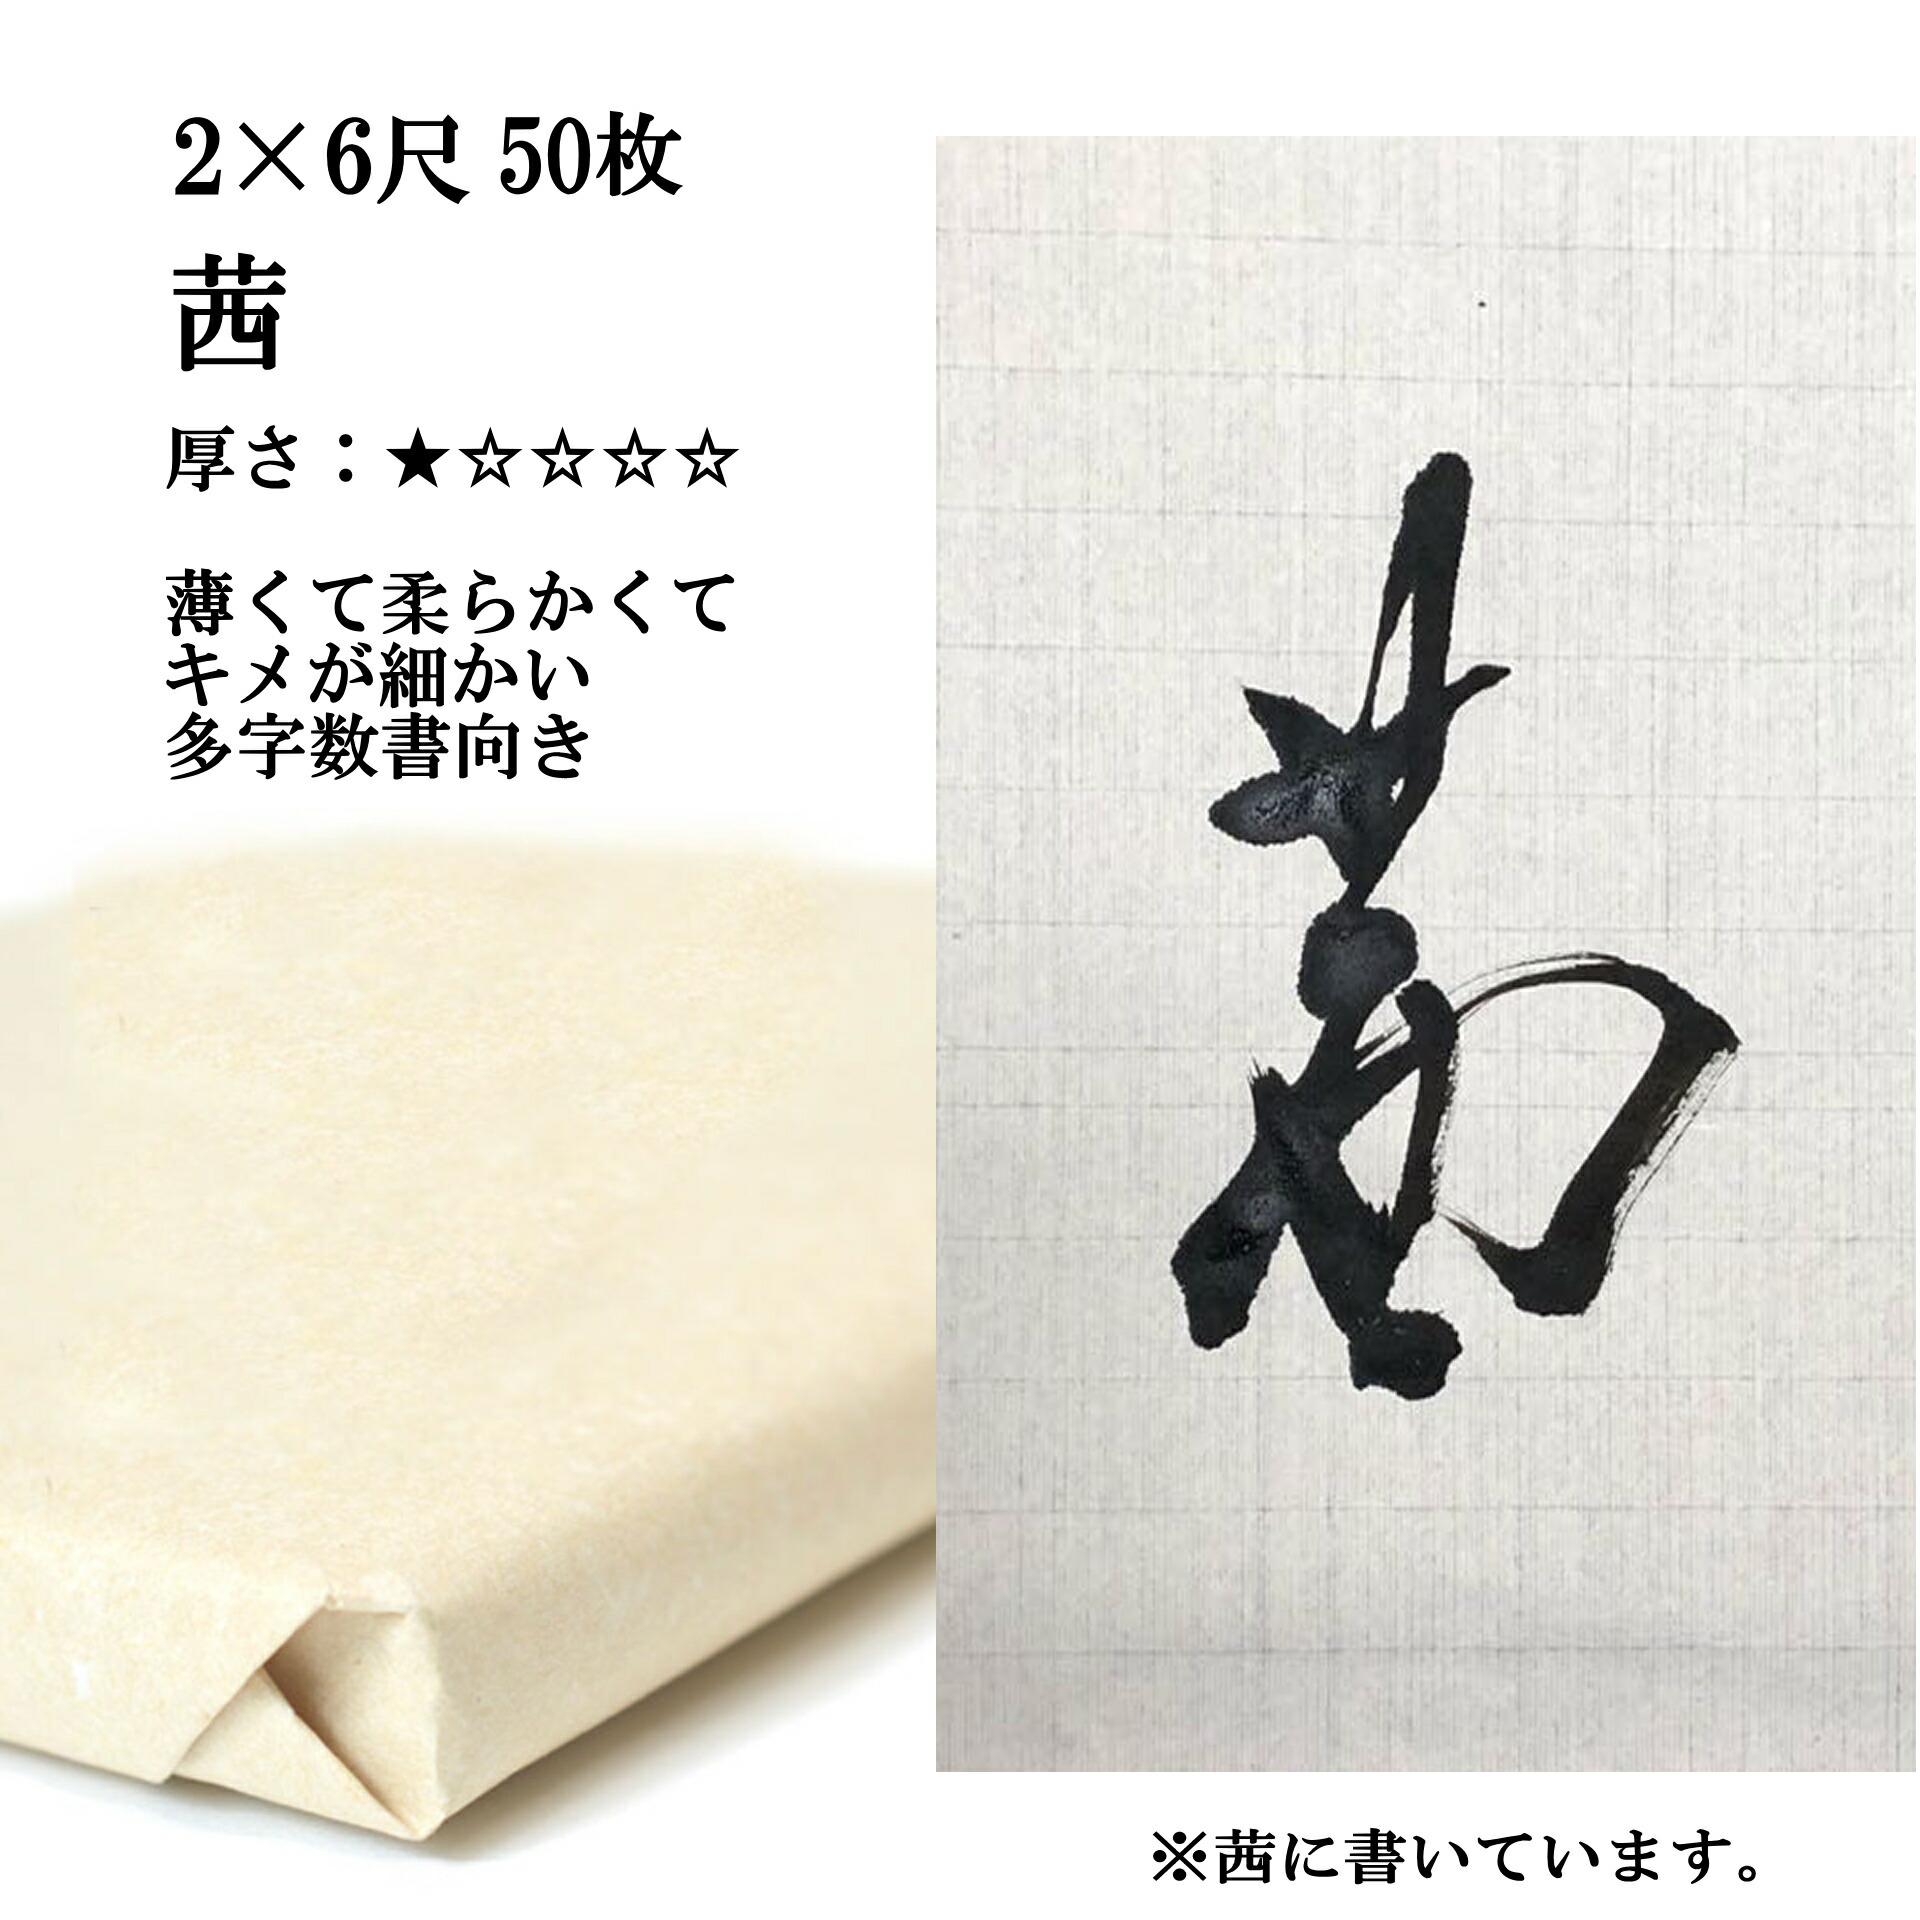 書道用品 書道用紙 手漉き画仙紙 中上級者向き 墨つき良く非常に書きやすい セール品 ついに再販開始 2×6尺 50枚 茜 1反